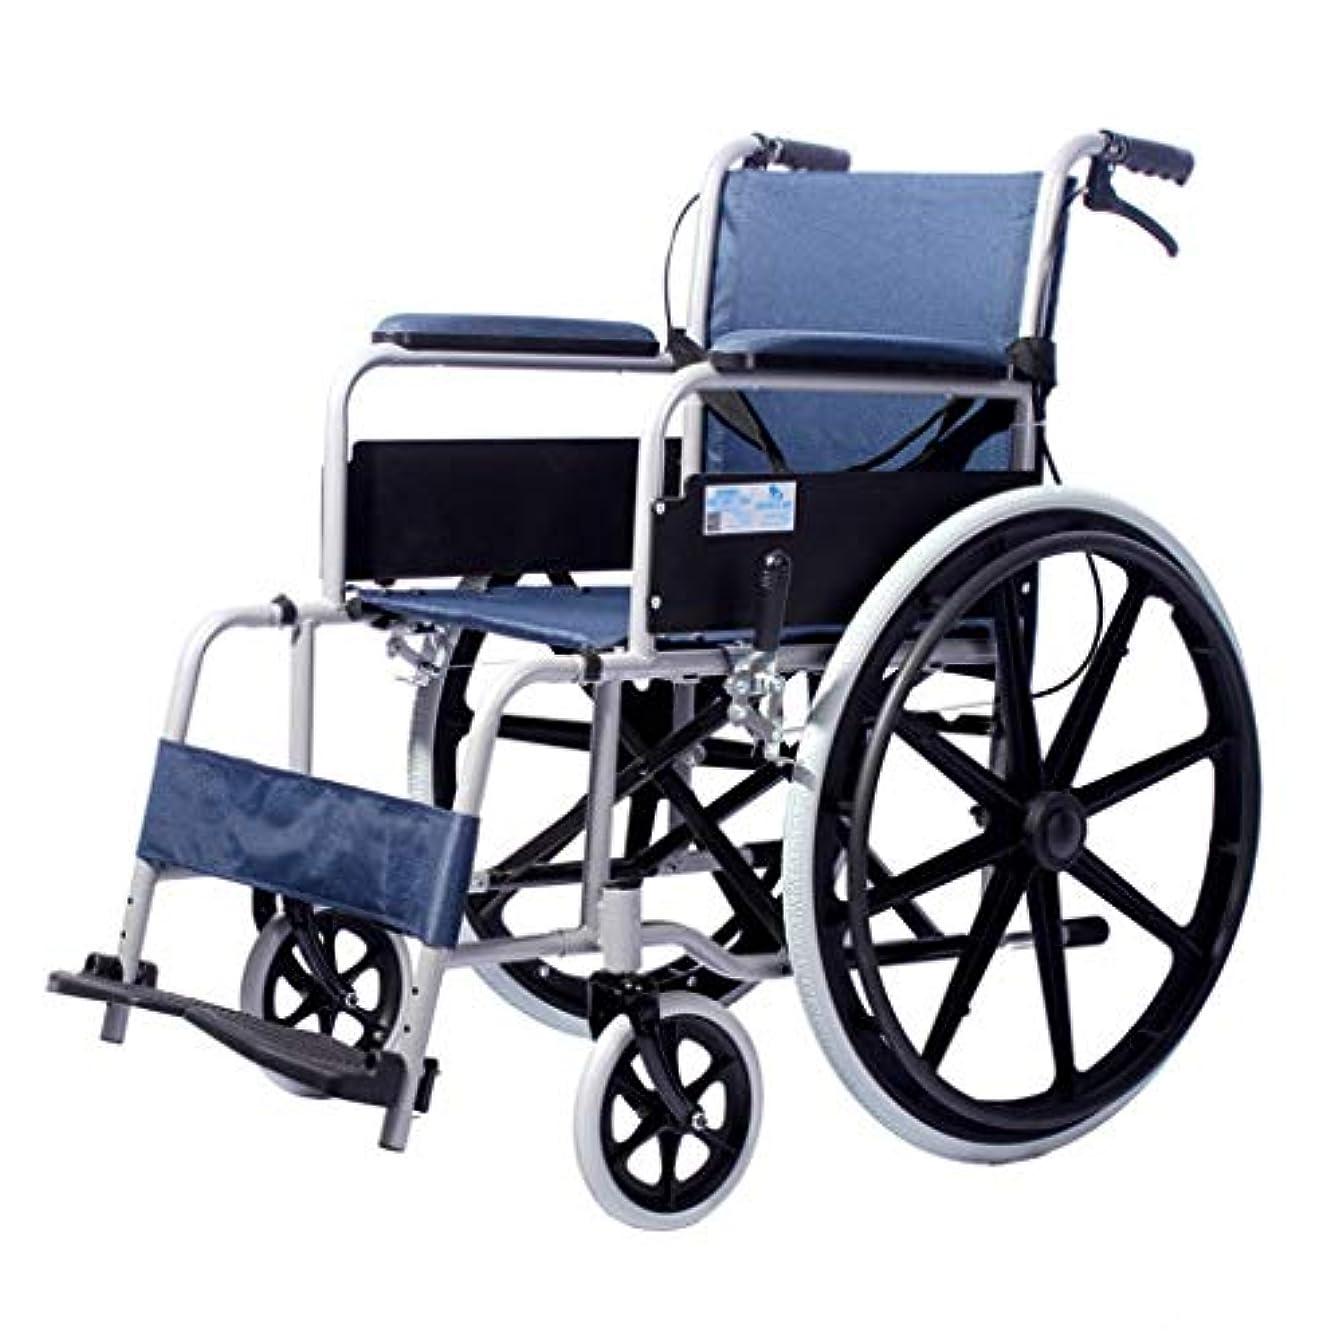 アンケート鉱夫少数車椅子用トロリーは高齢者に適し、身体障害者用です。フットペダルは調整可能です。手動車椅子折りたたみ式デザイン